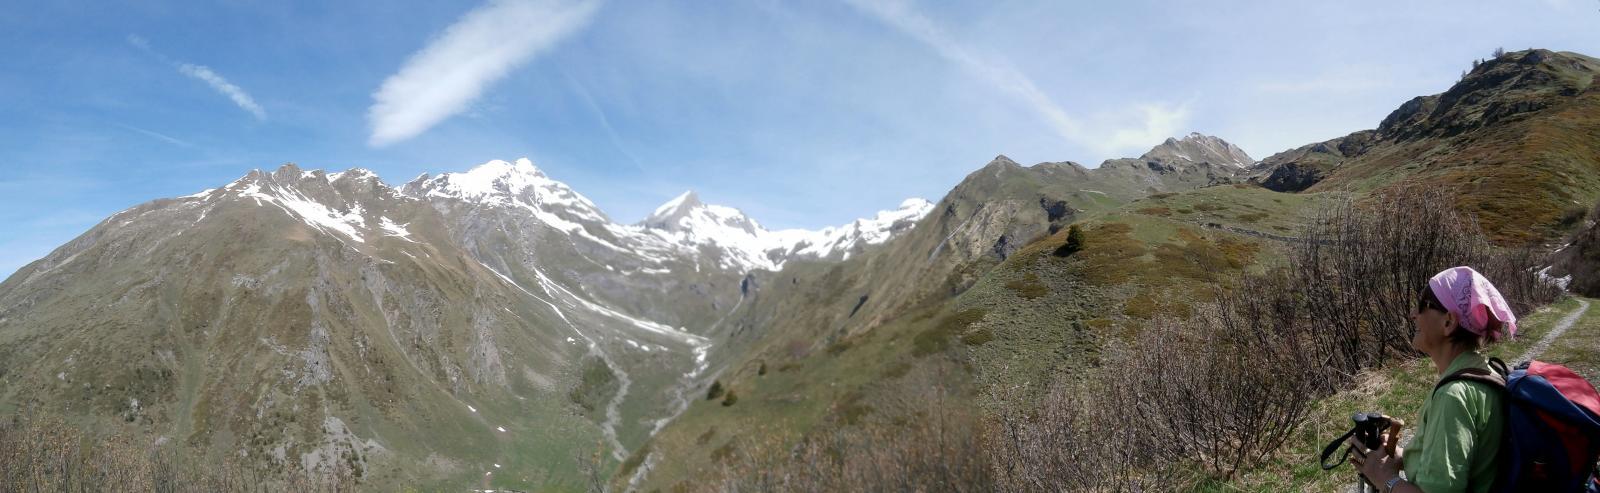 in salita verso  la baita rantin,panorama sulle vette  più importanti della zona,Grand Rochère,Bonalè (al centro ) etc...